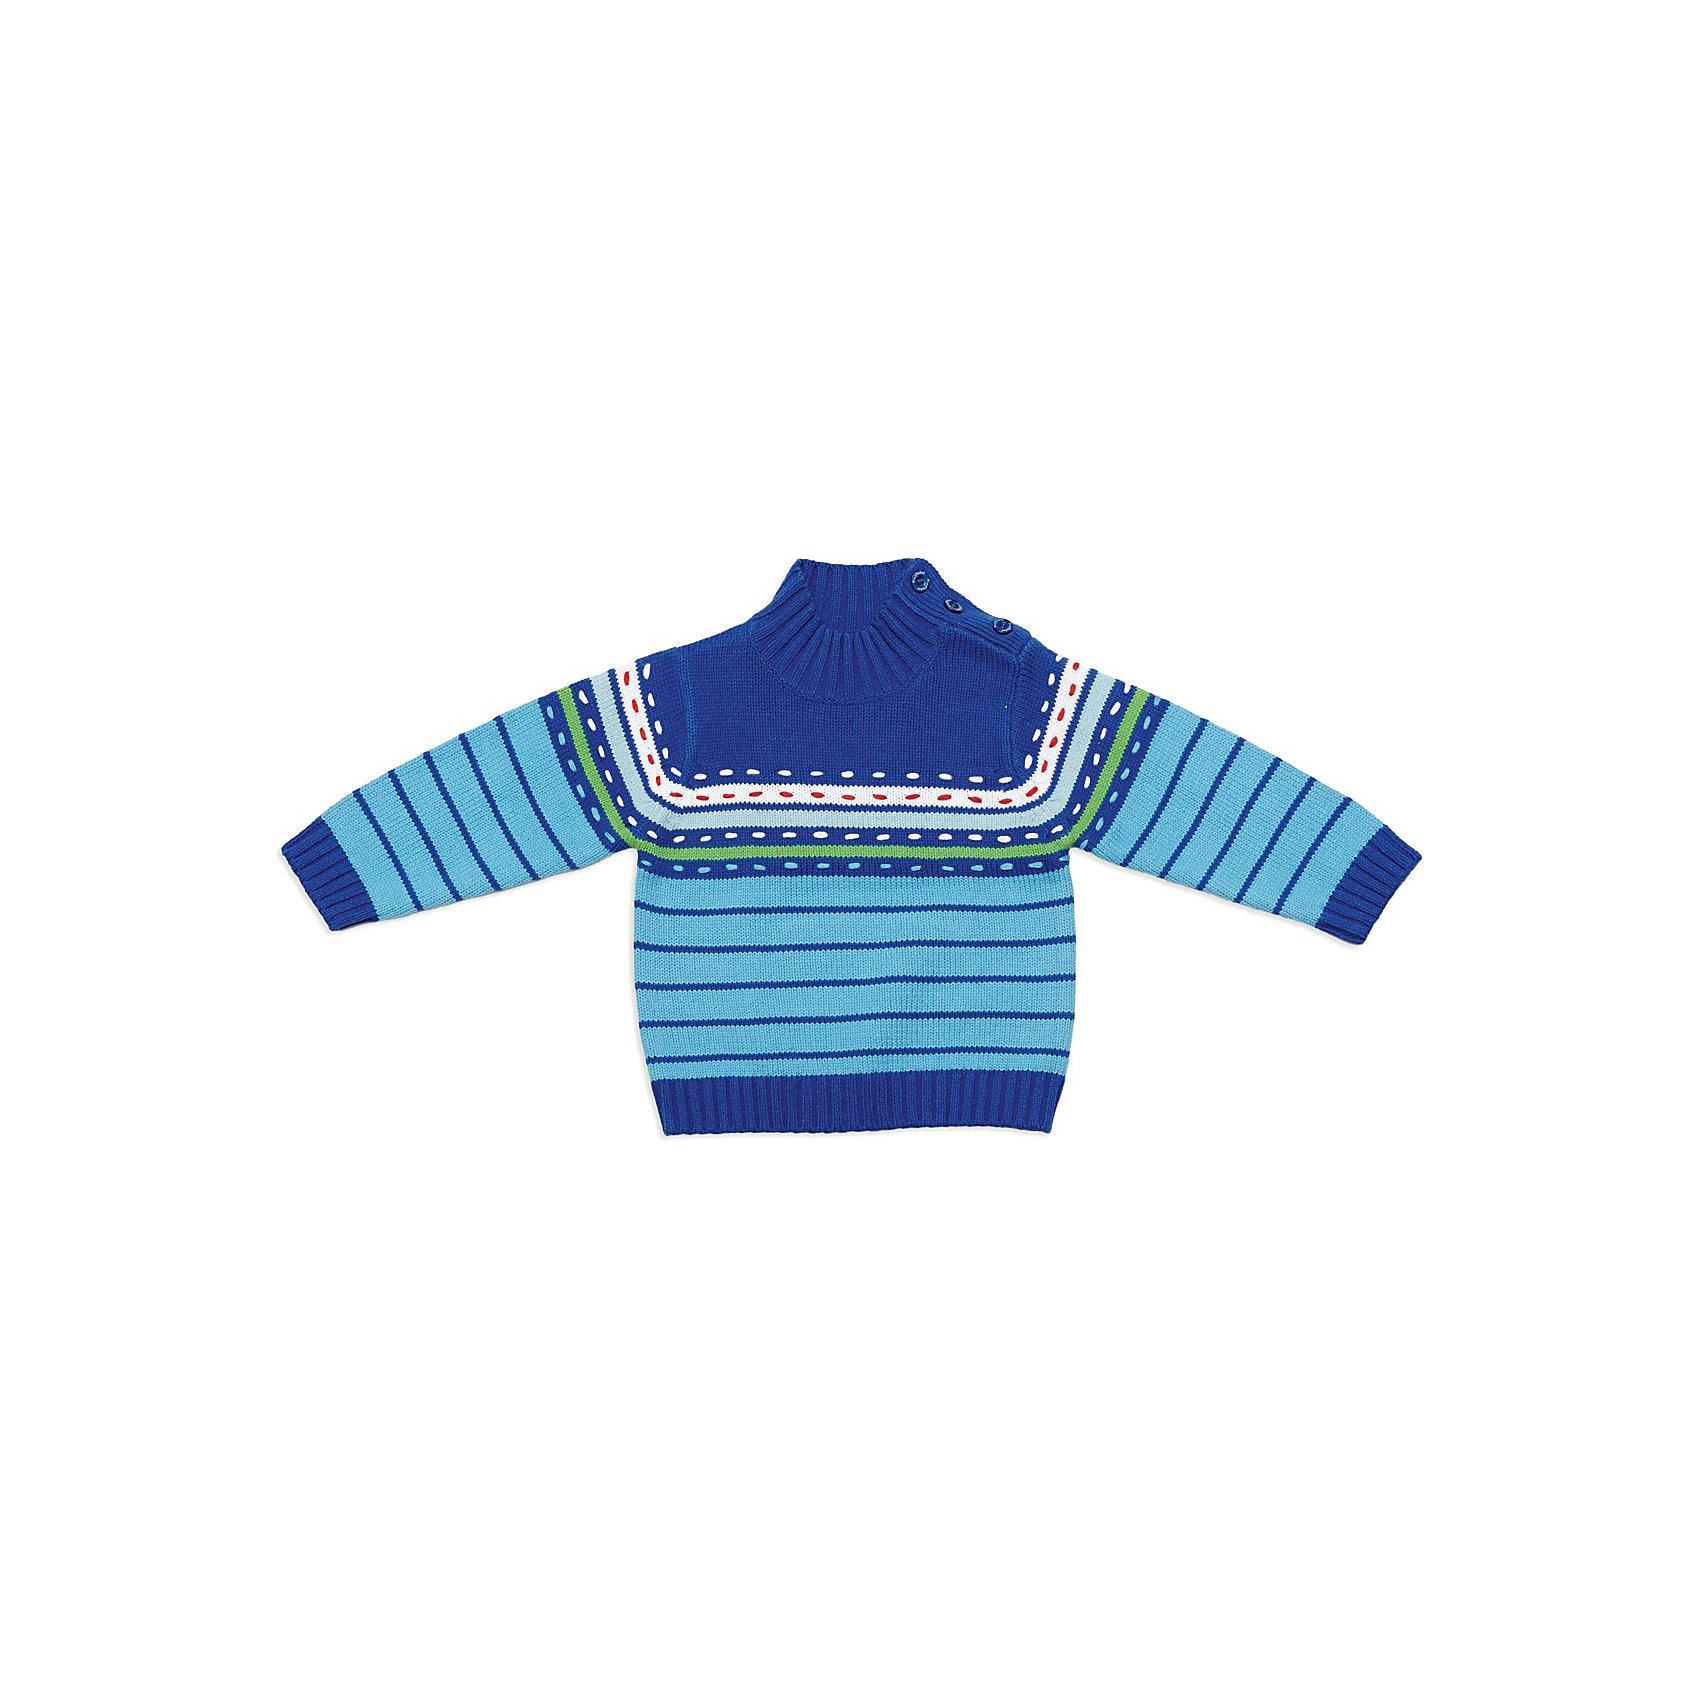 Свитер для мальчика PlayTodayТолстовки, свитера, кардиганы<br>Свитер для мальчика от известной марки PlayToday<br>* уютный вязаный свитер на каждый день для малыша<br>* округлый ворот с застежкой на пуговицы, расположенных на плече<br>* модель в красочную полоску, украшена декоративными стежками<br>* ворот, манжеты и низ - вязаная резинка<br>Состав:<br>60% хлопок, 40% акрил<br><br>Ширина мм: 190<br>Глубина мм: 74<br>Высота мм: 229<br>Вес г: 236<br>Цвет: синий<br>Возраст от месяцев: 12<br>Возраст до месяцев: 18<br>Пол: Мужской<br>Возраст: Детский<br>Размер: 86,92,80,74<br>SKU: 3745588